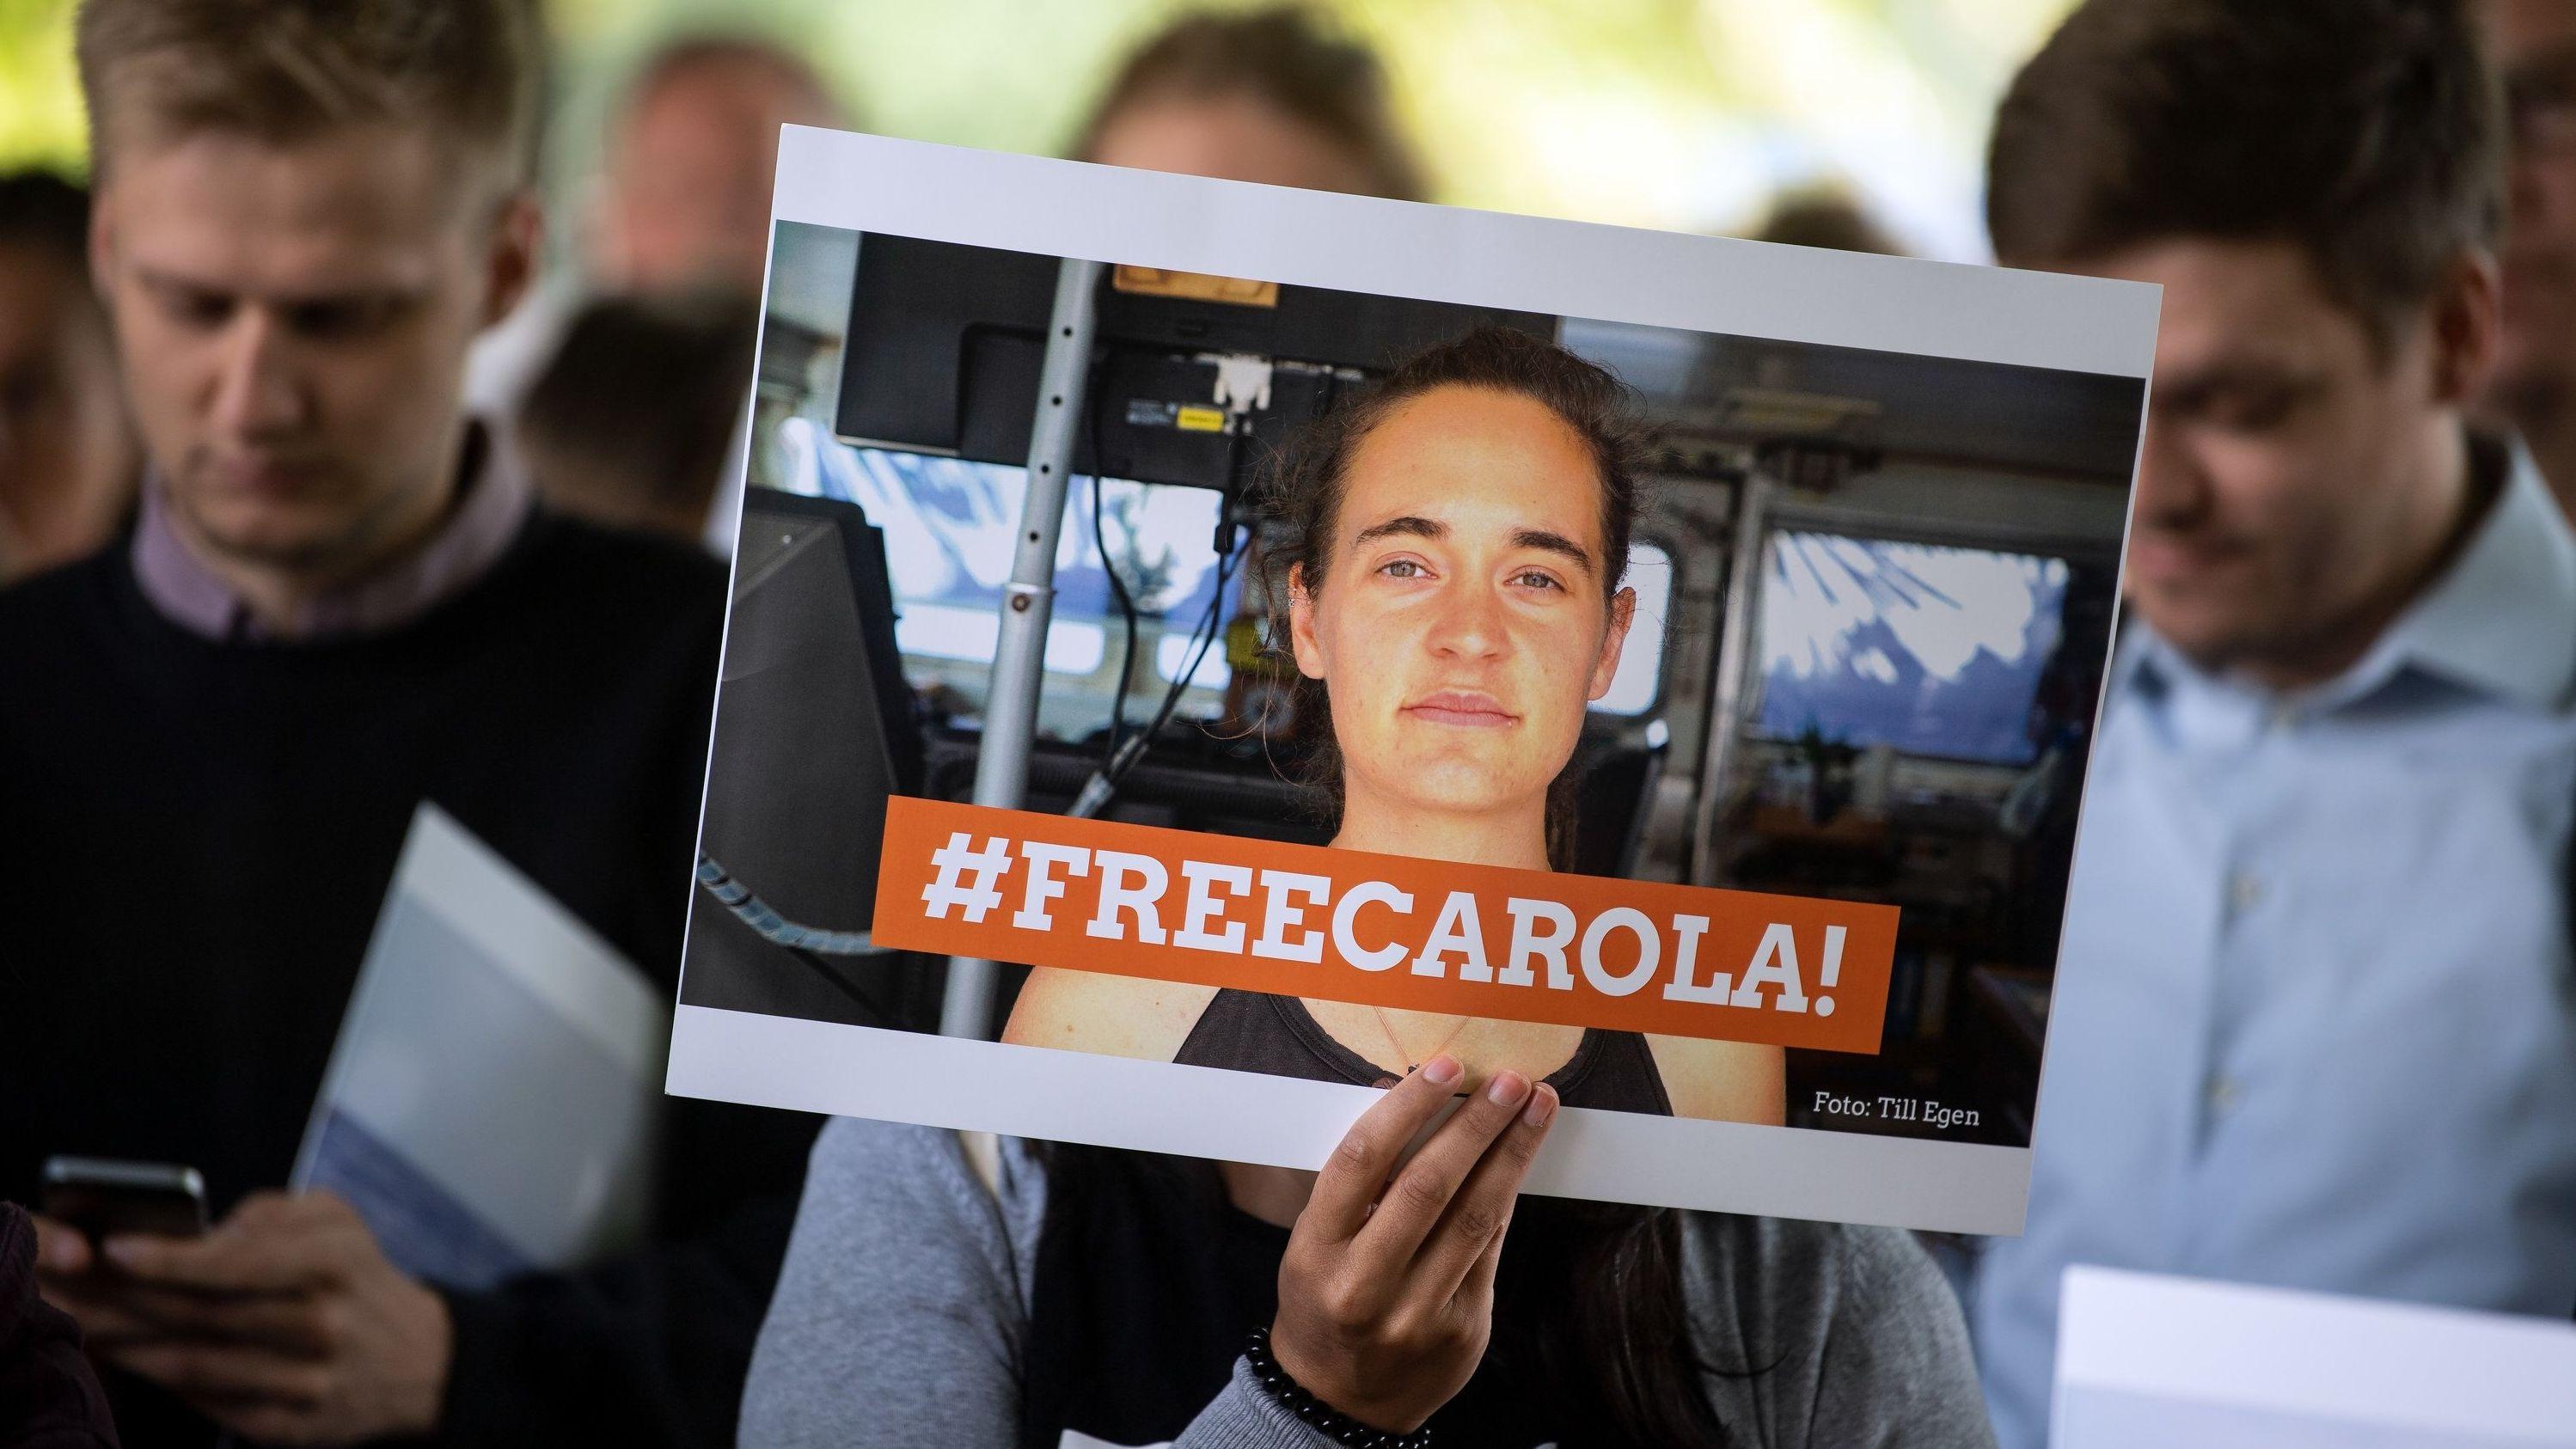 """Eine Demonstrantin in Köln hält ein Bild von der Sea-Watch-Kapitänin Carola Rackete mit der Aufschrift """"#FREECAROLA!"""" in der Hand."""